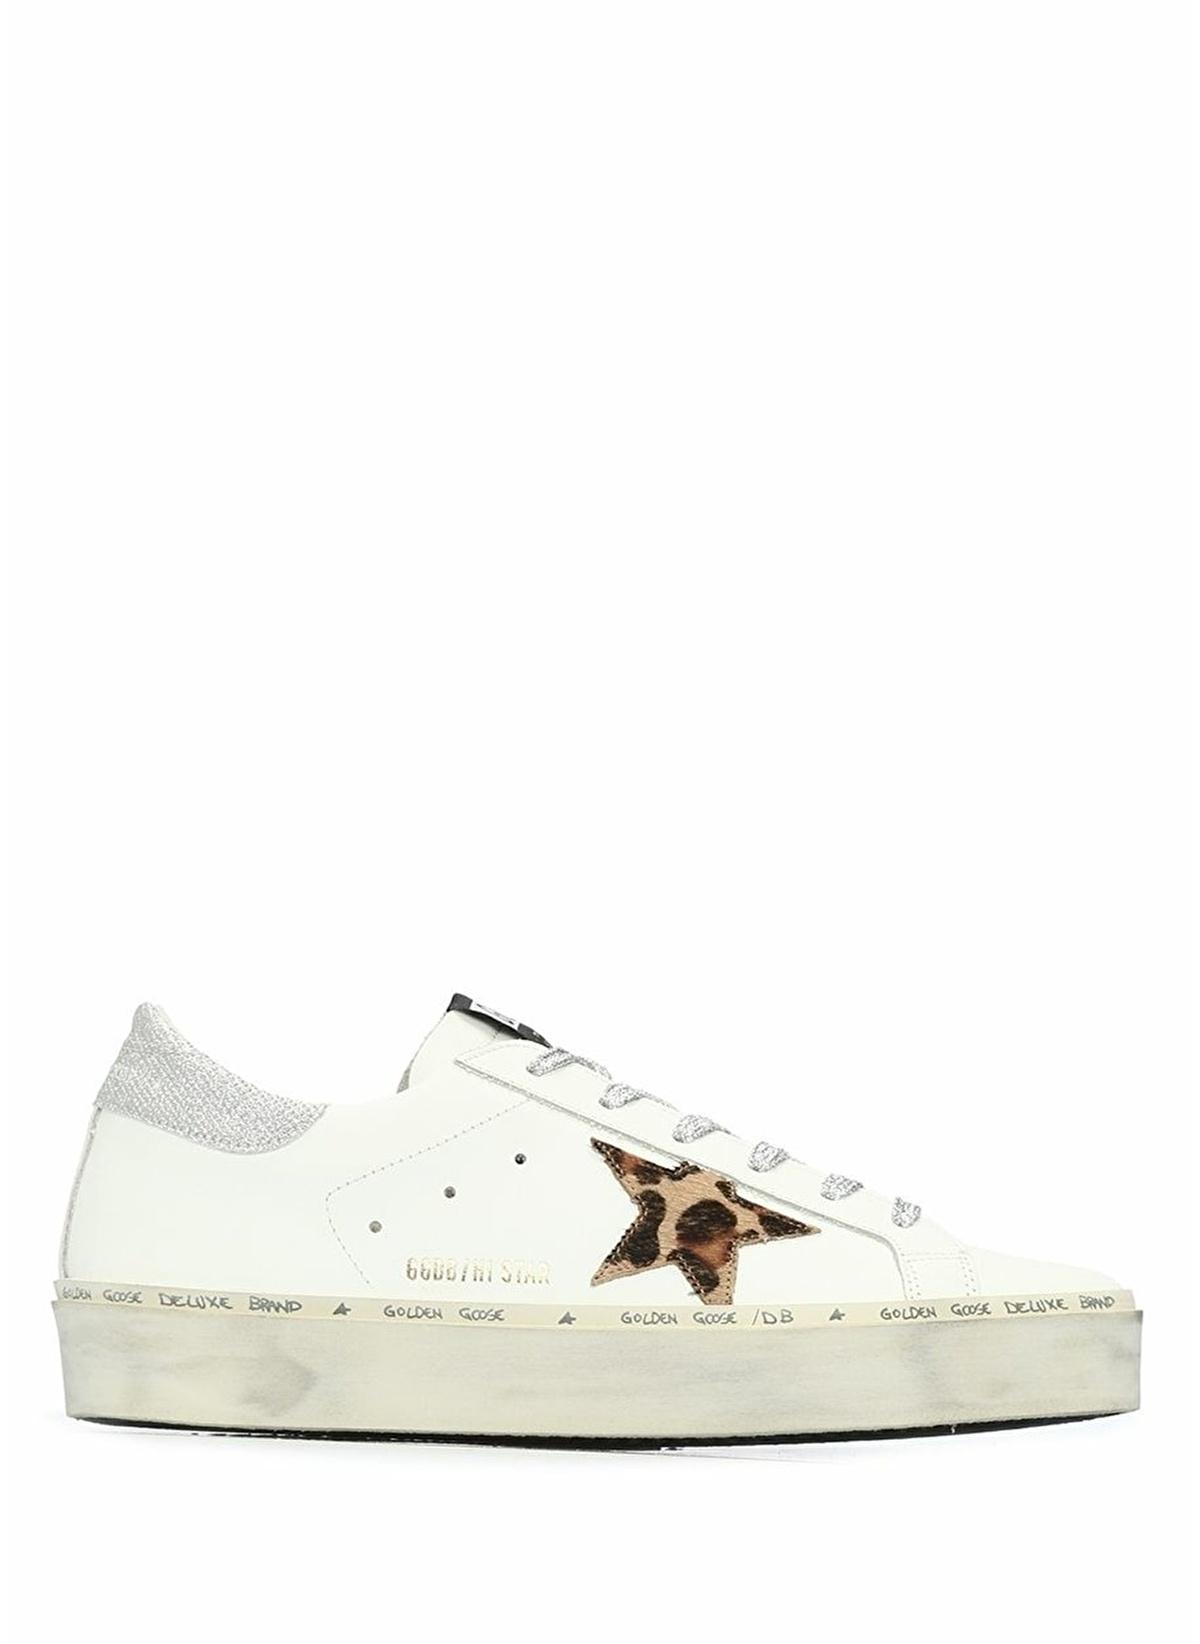 Golden Goose Kadın Sneakers LEOPAR